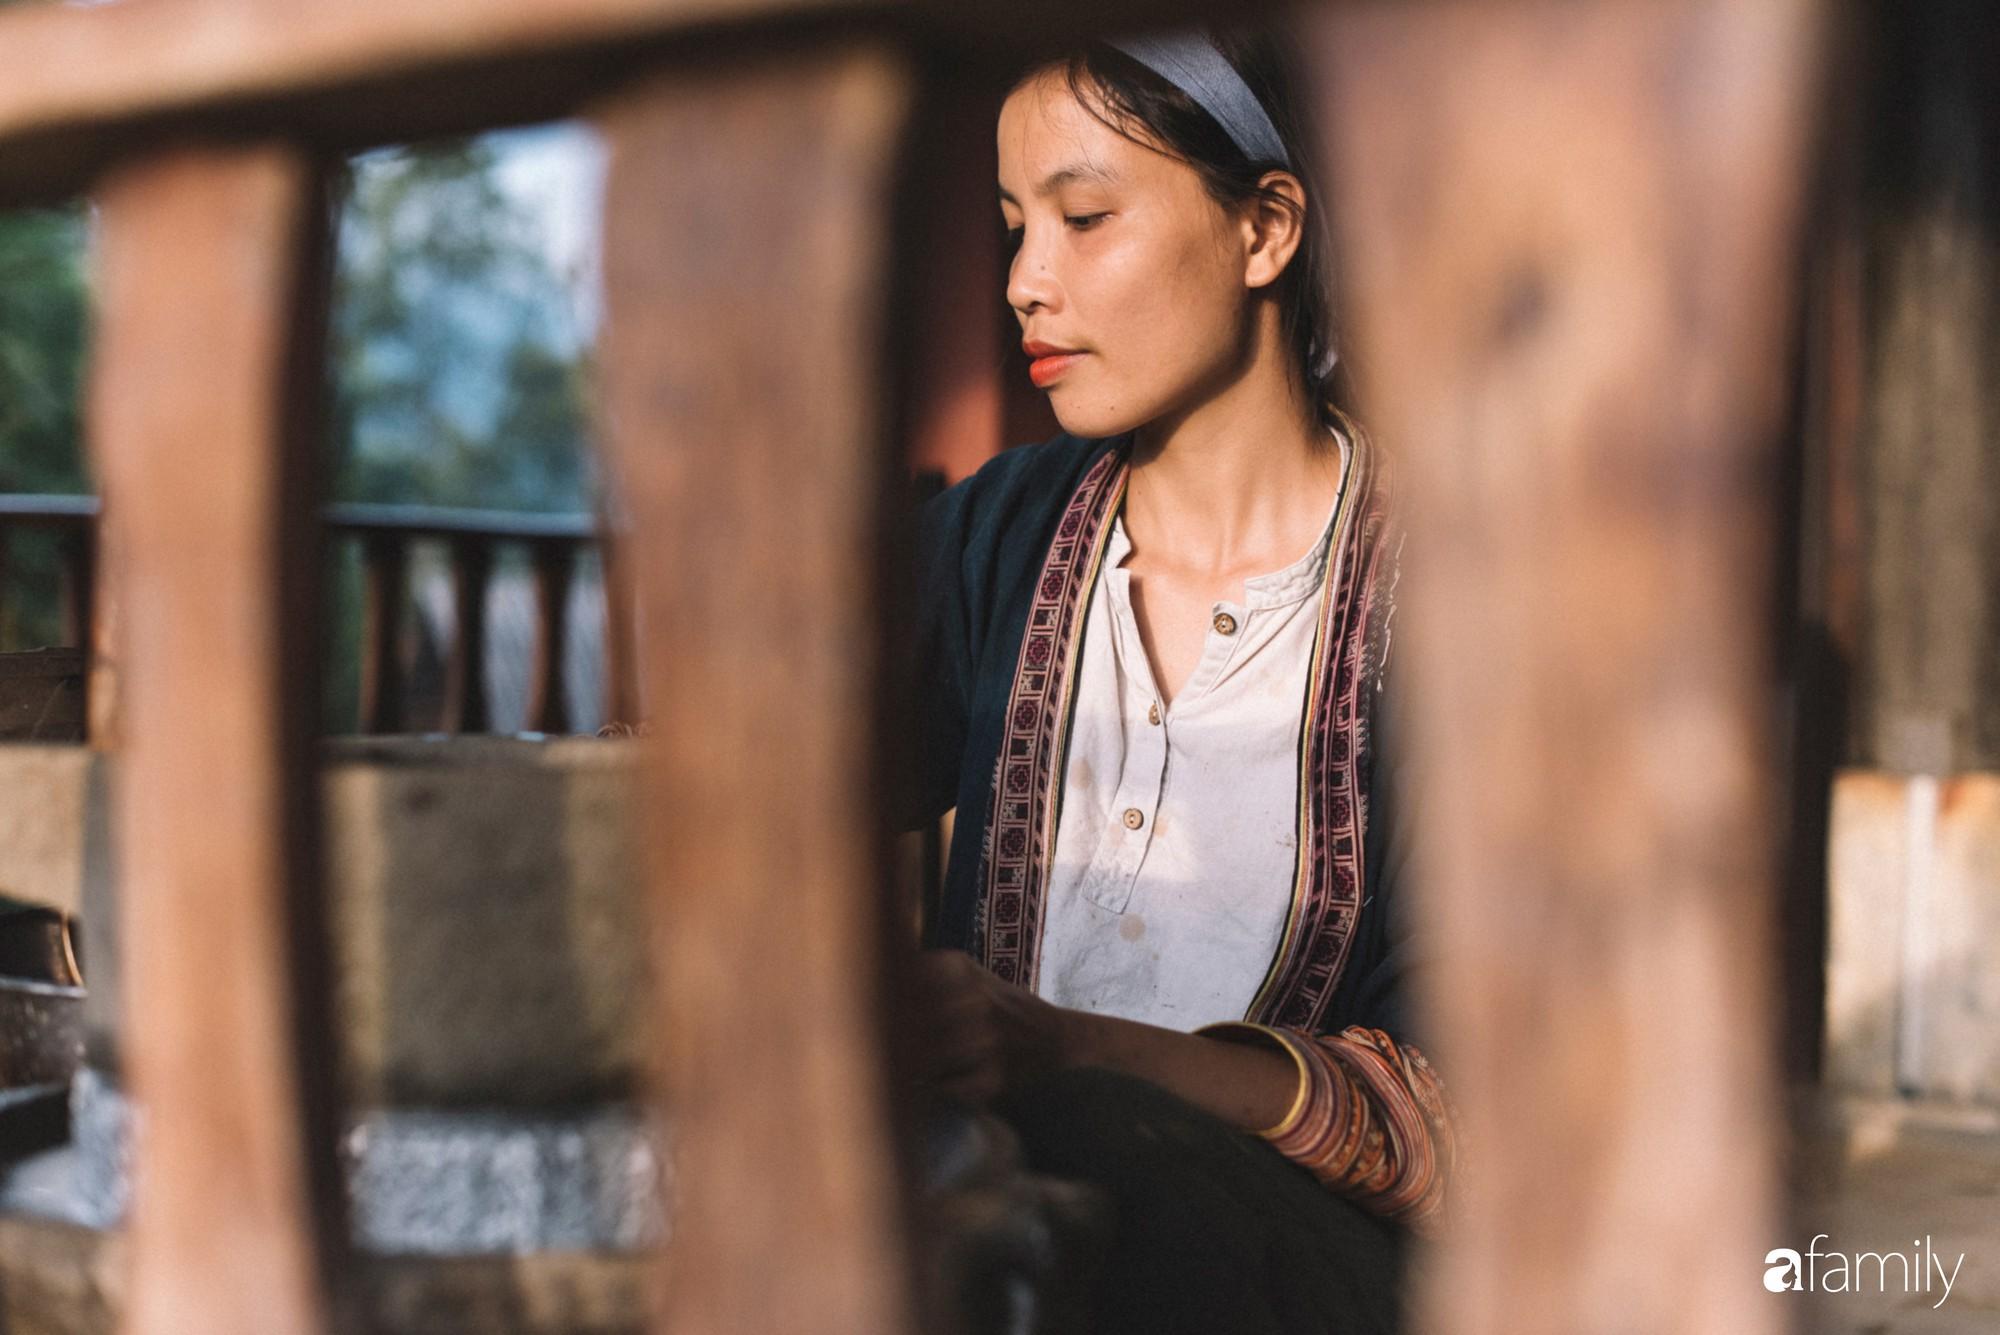 Cô designer bỏ Hà Nội lên rừng ẩn cư, ăn chay, lưu giữ thanh xuân rực rỡ qua những clip mỹ thực vạn người mê - Ảnh 28.